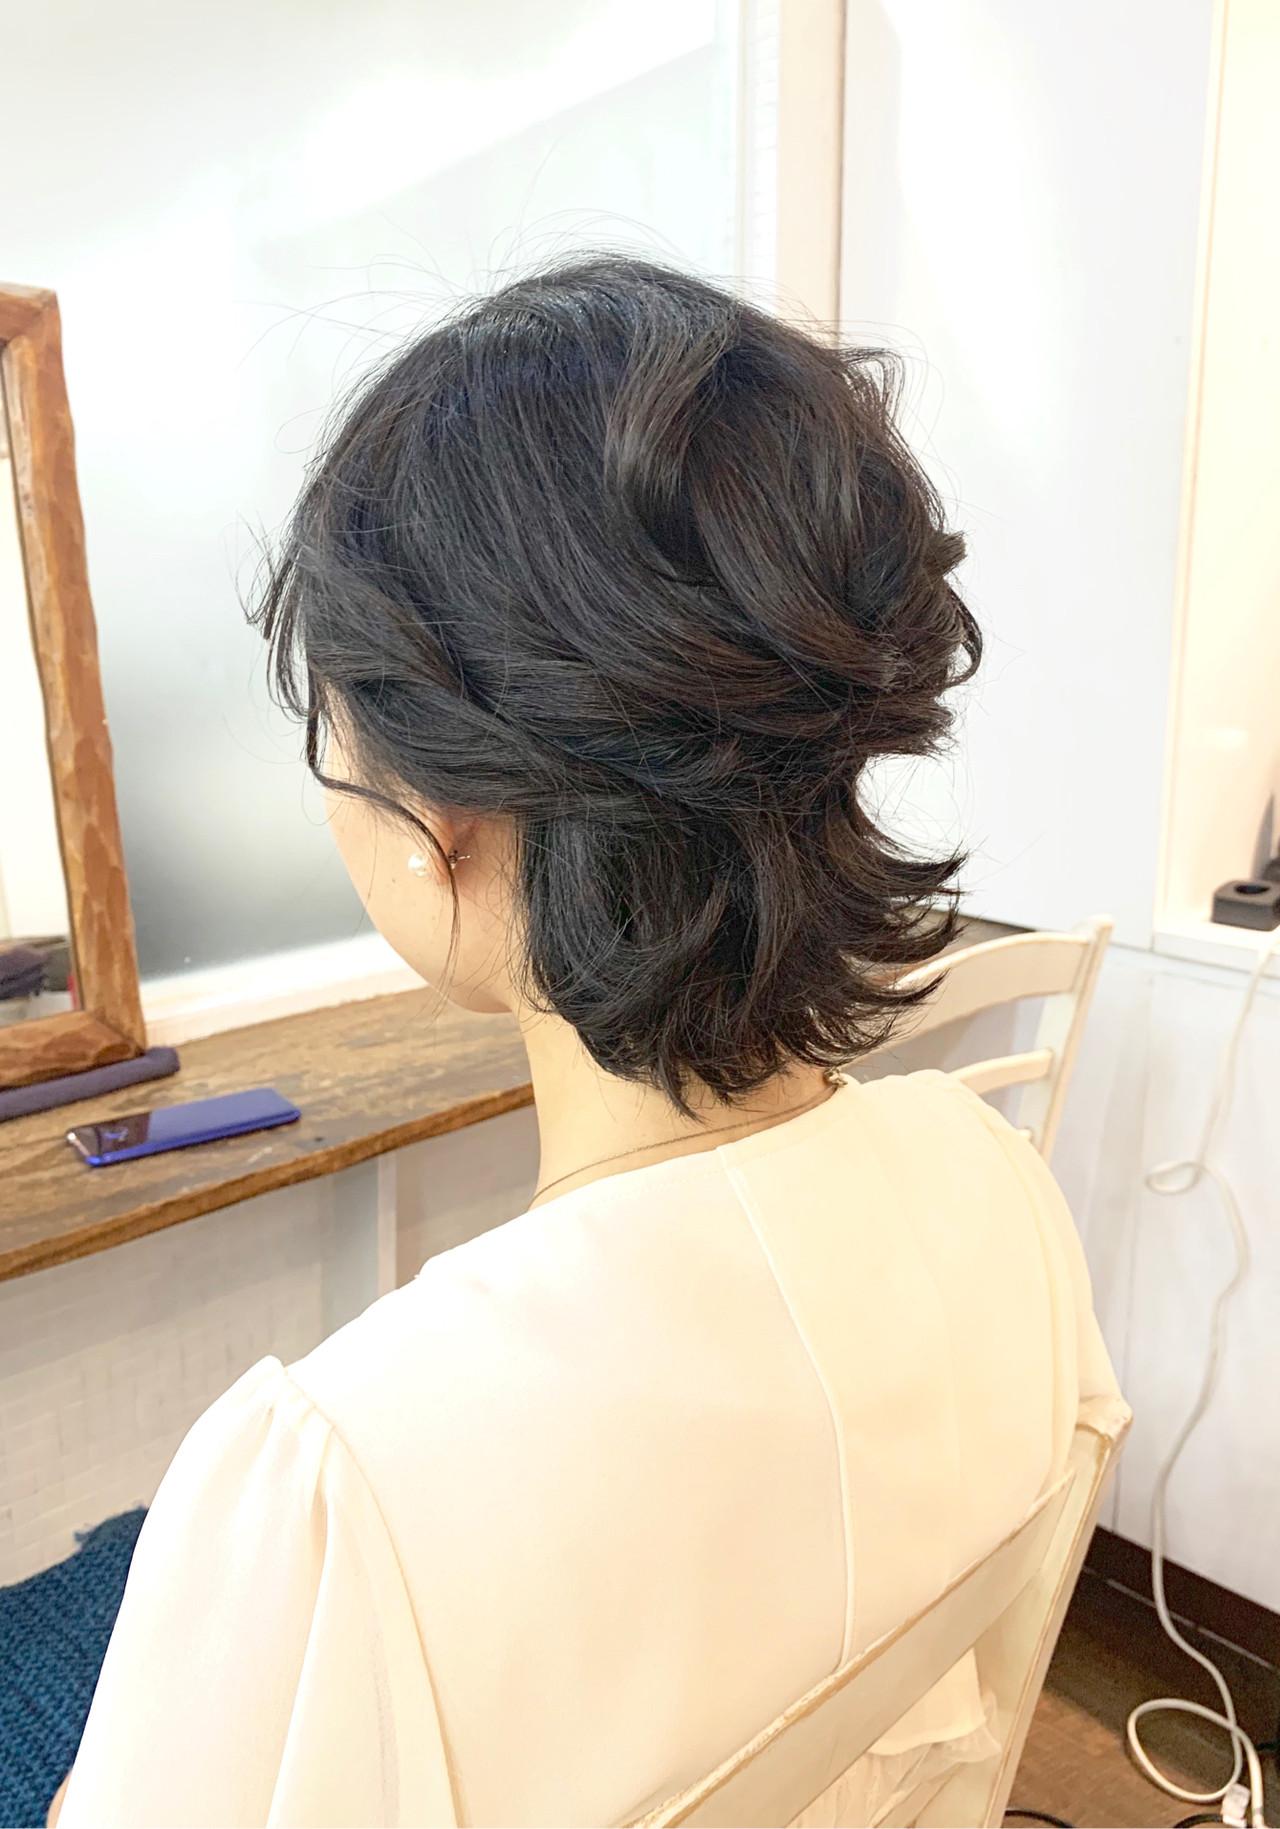 ハーフアップ ナチュラル ラフ 結婚式 ヘアスタイルや髪型の写真・画像